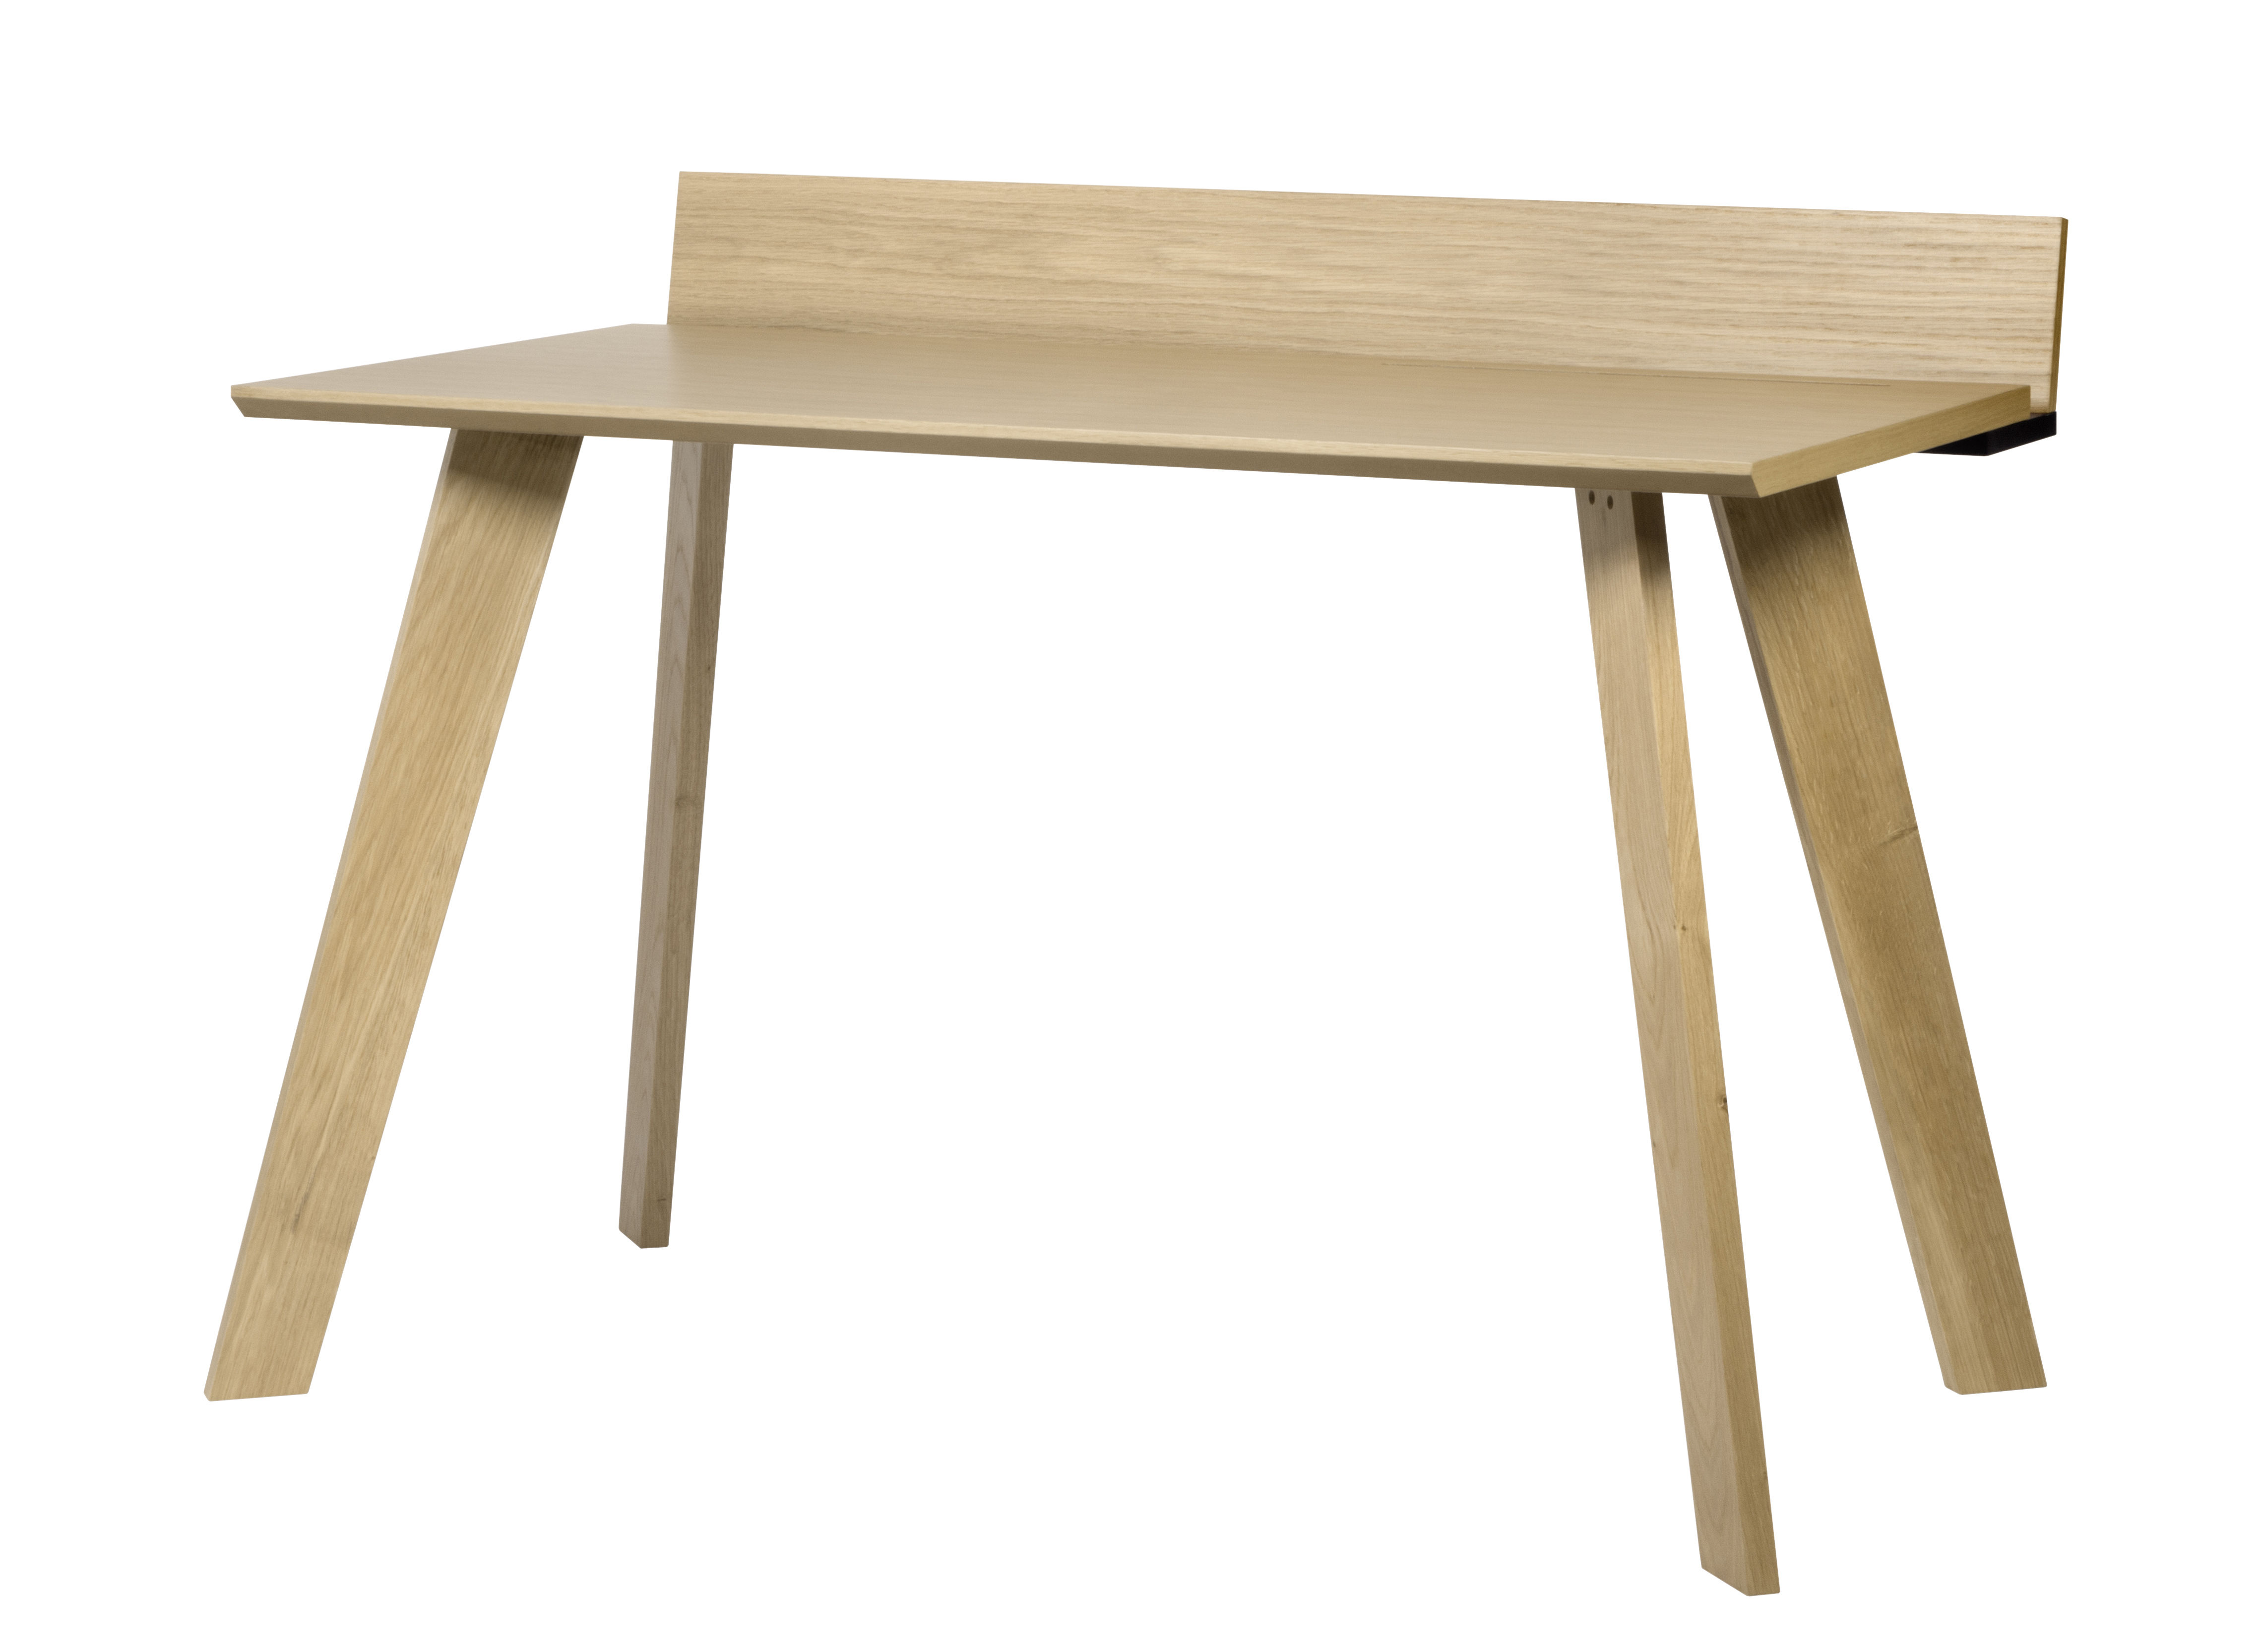 Furniture - Office Furniture - Connect Desk - / L 120 cm by POP UP HOME - Oak / Black - Oak plywood